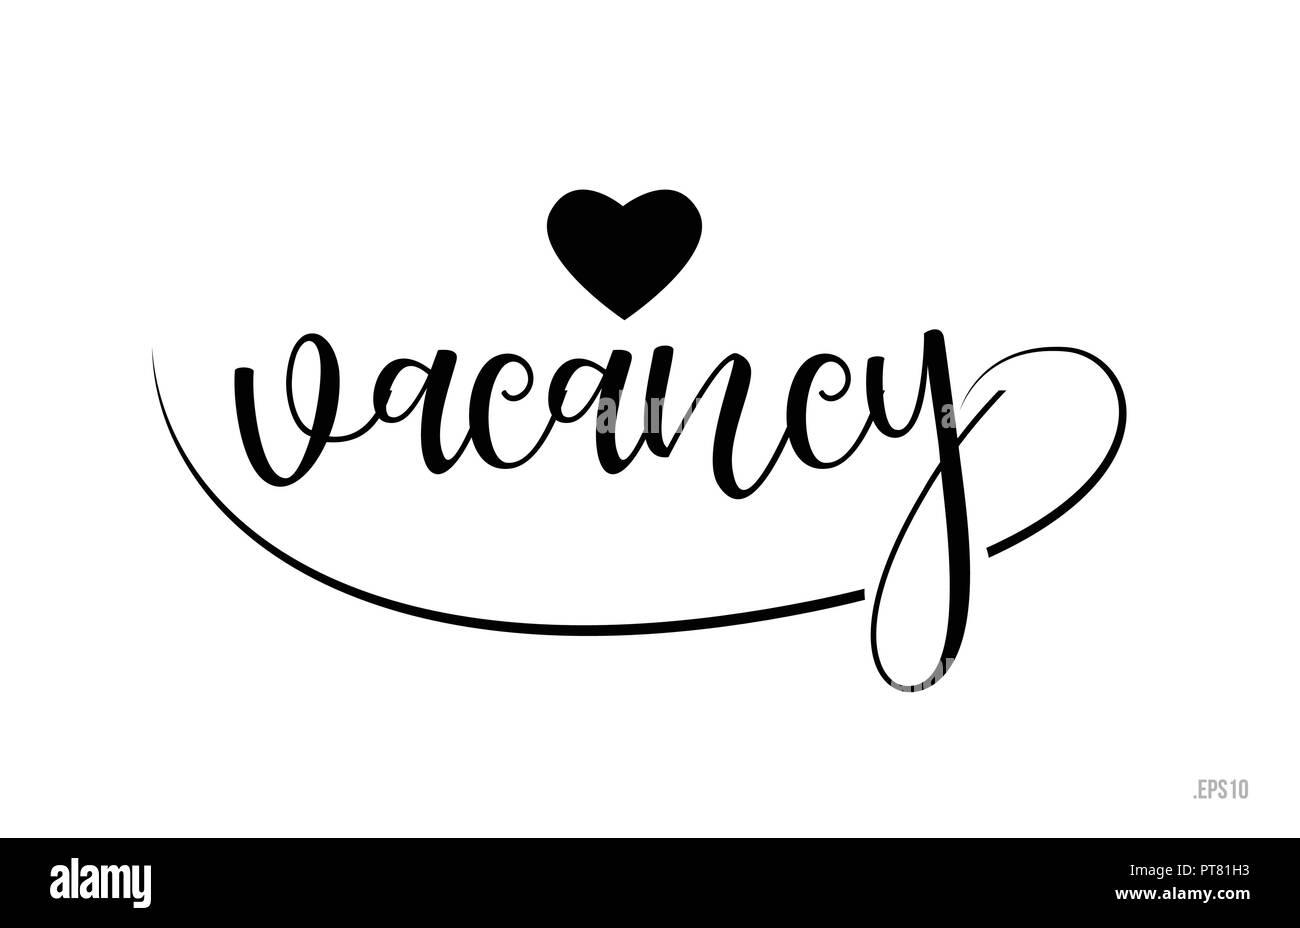 Mot Vacance Avec Texte Noir Et Blanc Coeur Damour Pour Carte De Visite Brochure Ou Typographie Logo Design